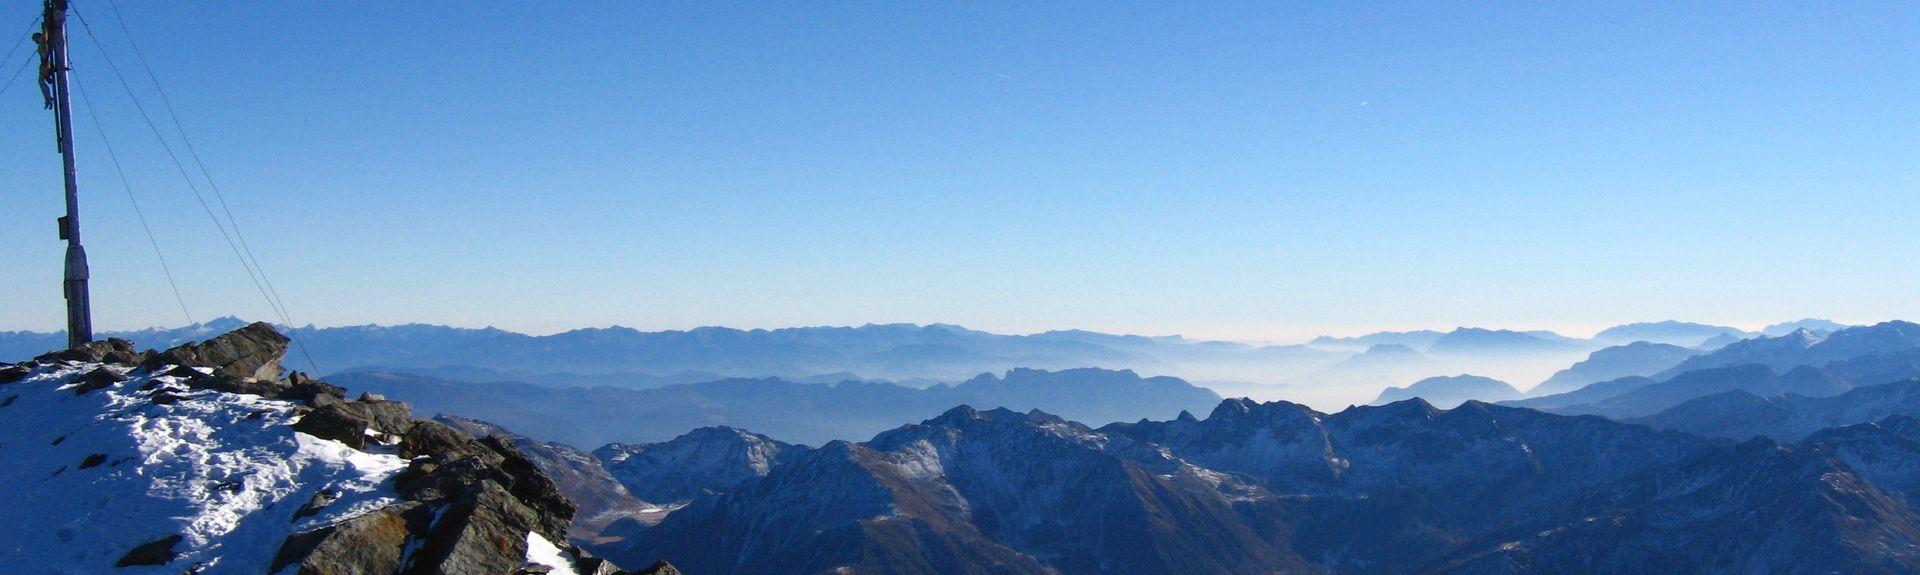 Caines, Trentin-Haut-Adige, Italie